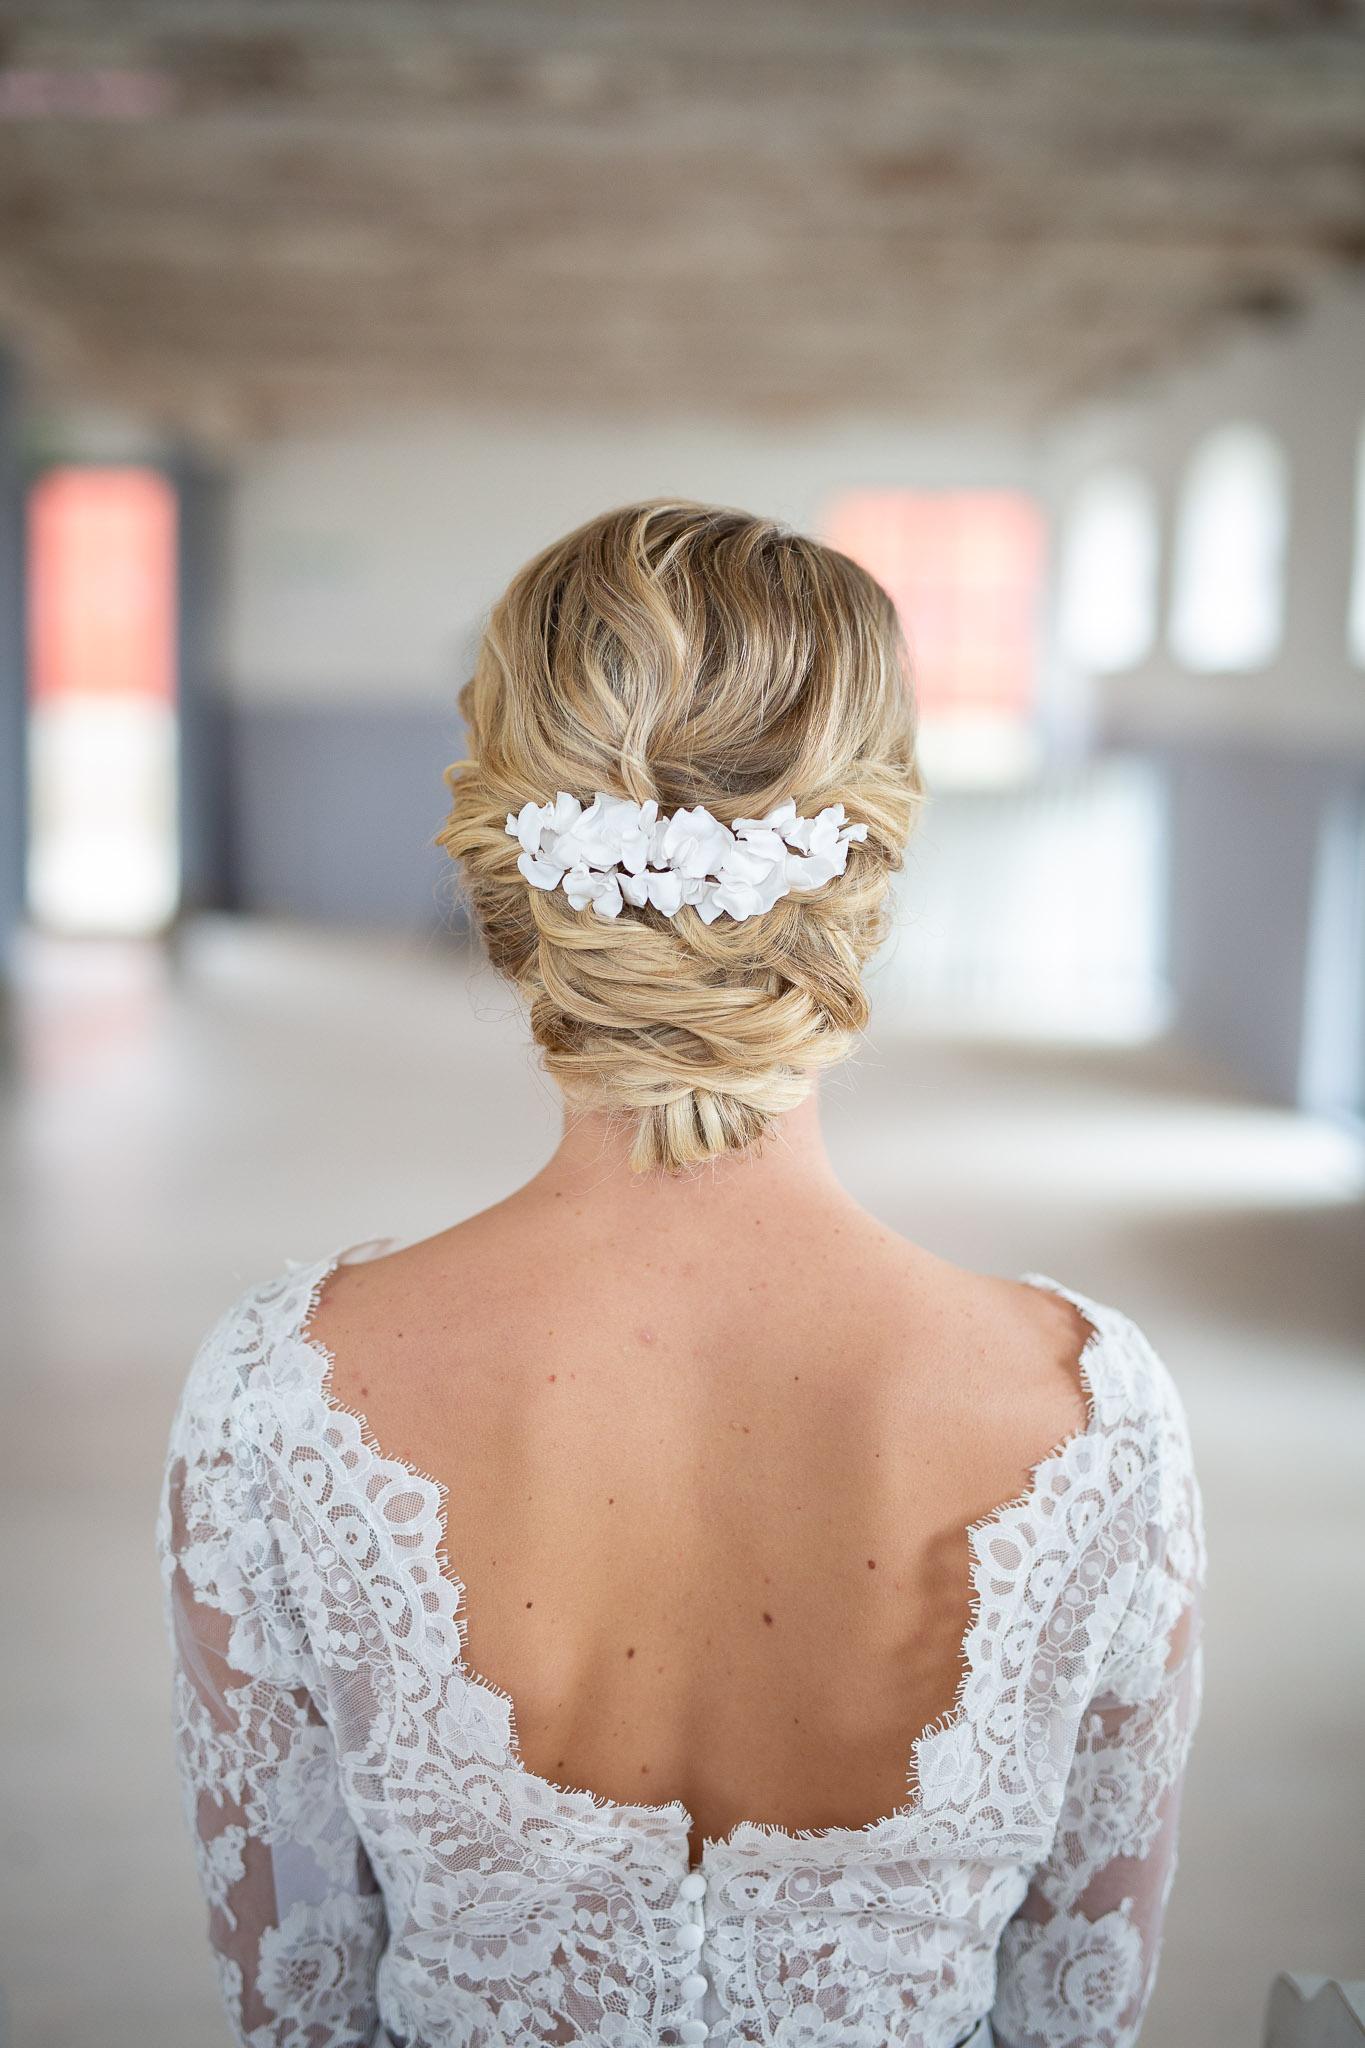 Bröllopsworkshop med Loke Roos på Agneshill i Skåne